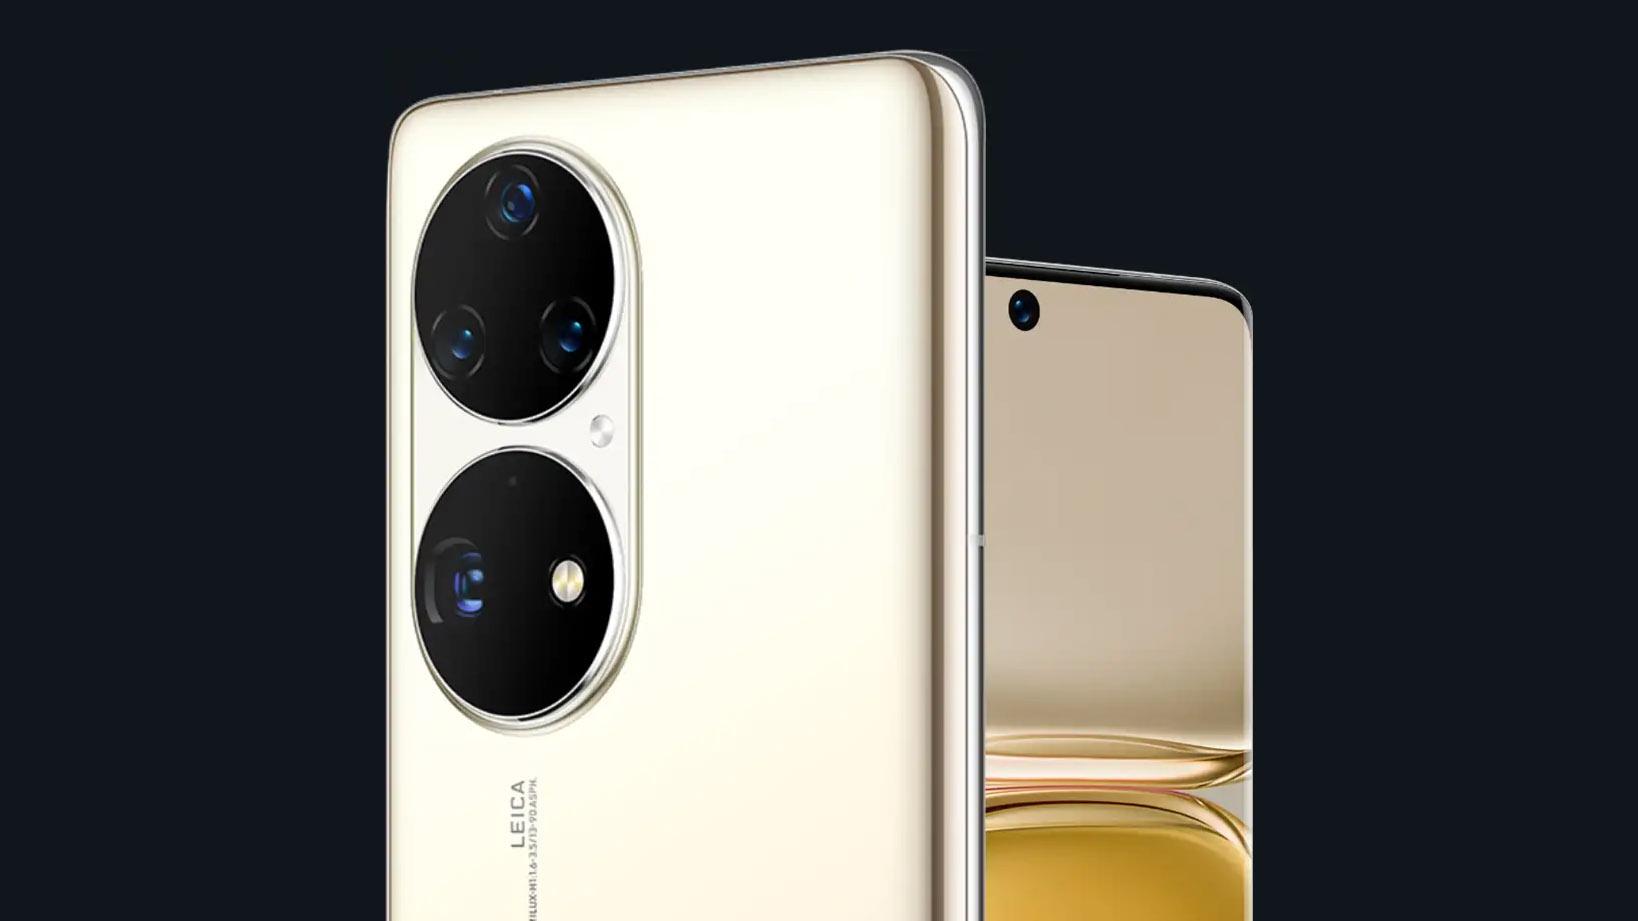 Анонсированы флагманские смартфоны Huawei P50 и P50 Pro на HarmonyOS с ценником от $695